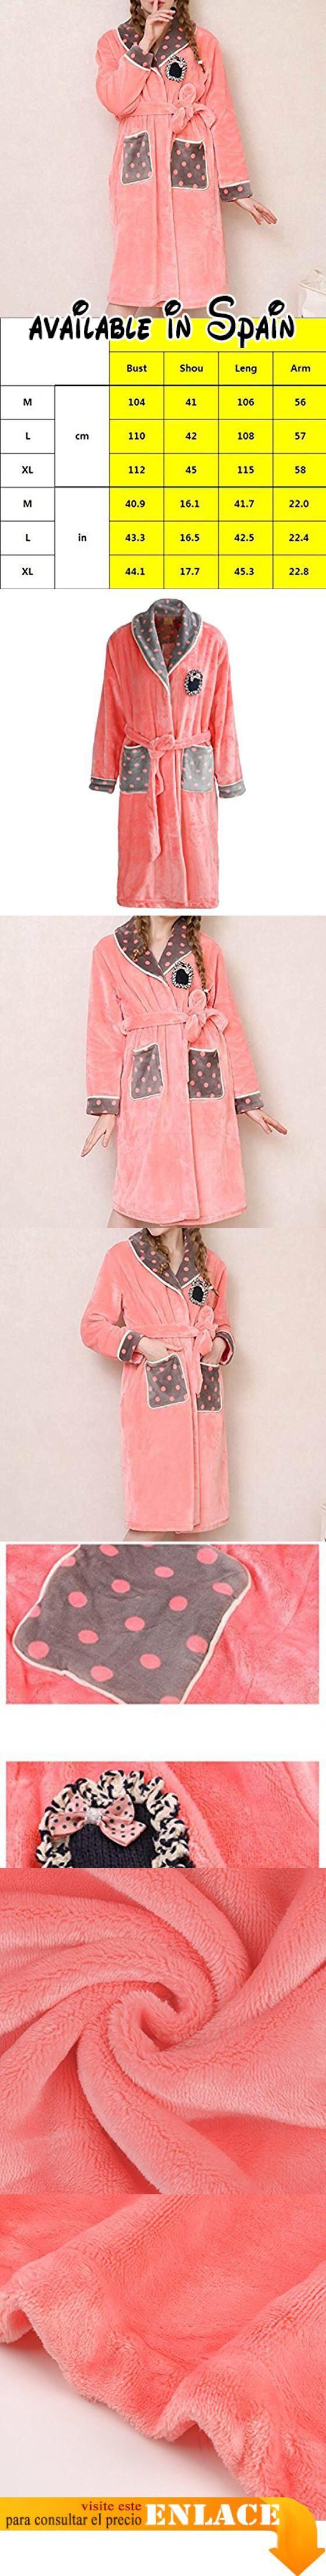 B075LNQ2QD : POKWAI Pijamas De Invierno De Las Mujeres Más Gruesos ...